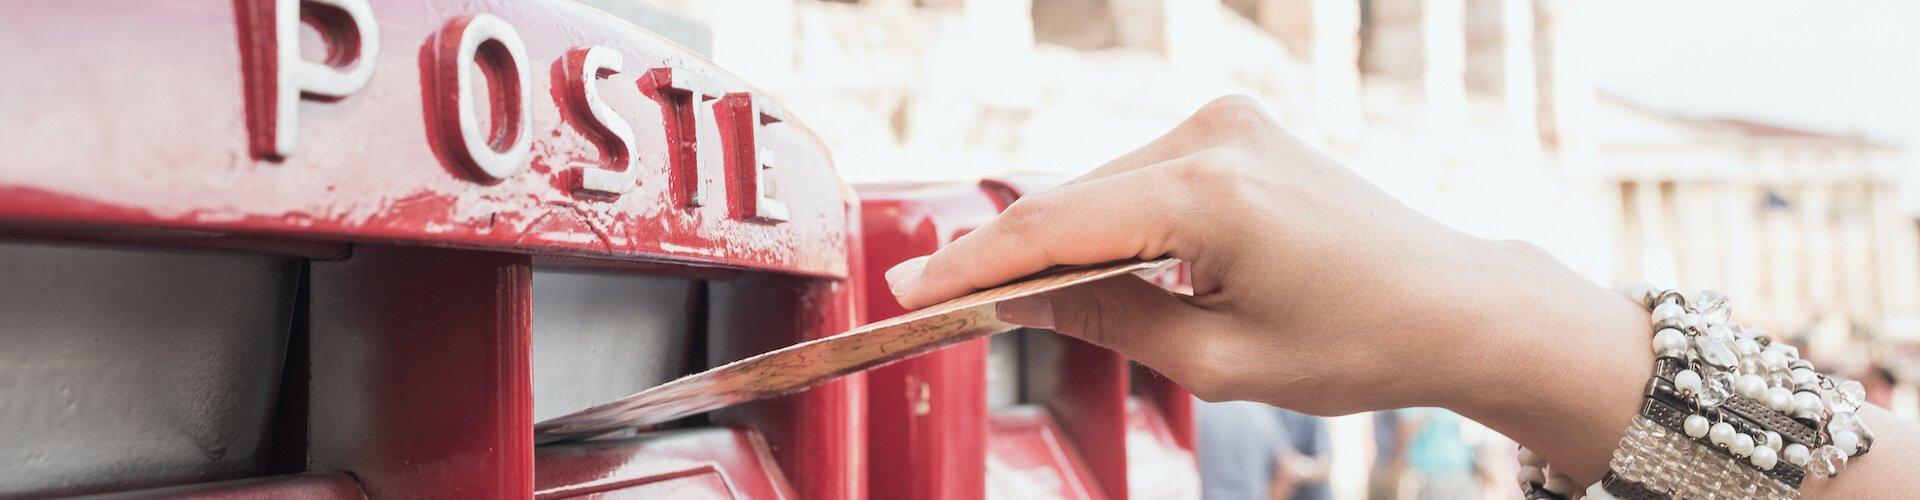 Postkarten schreiben vs. elektronische Urlaubsgrüße